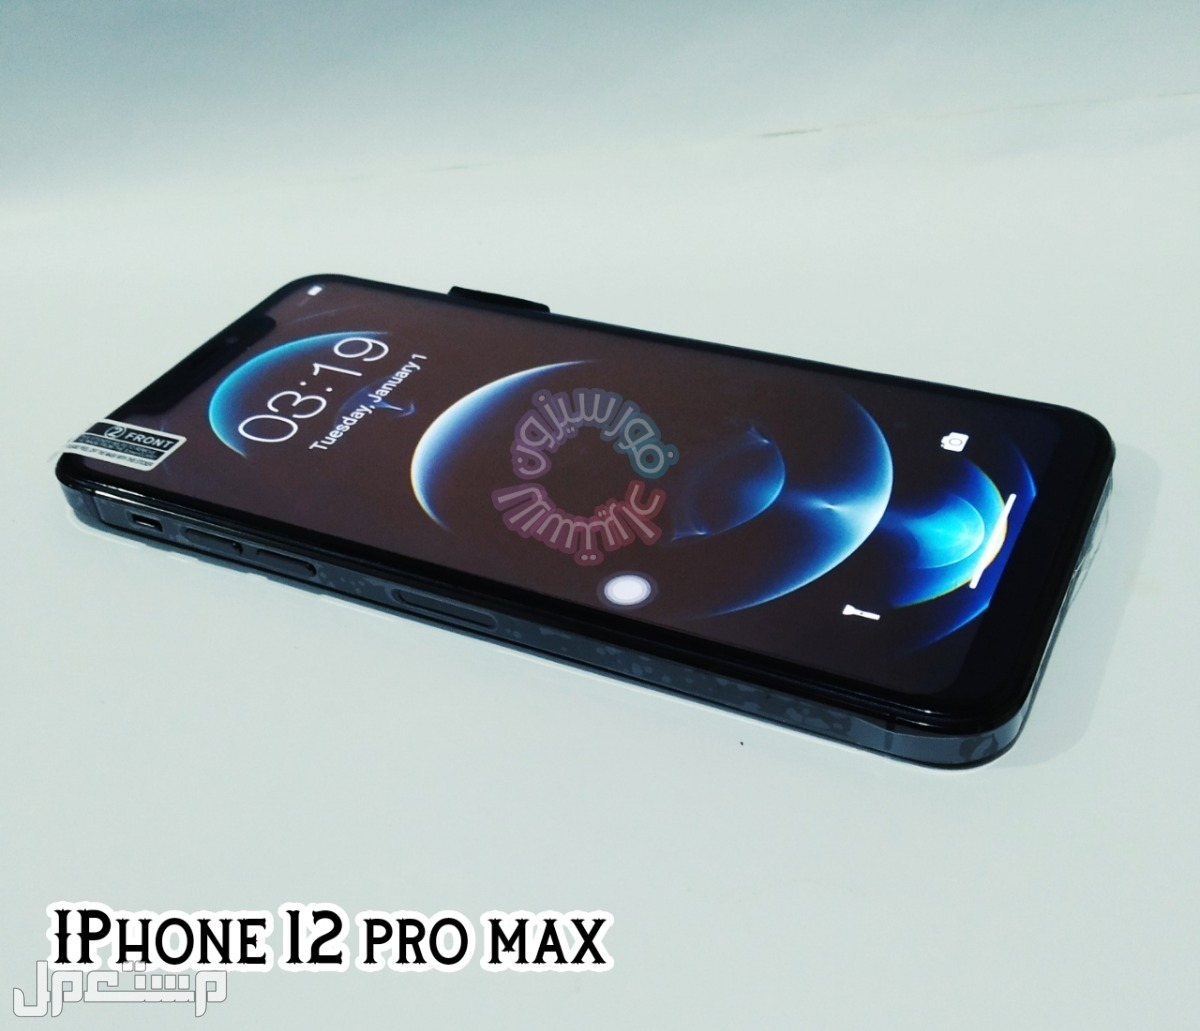 ايفون 12 بروماكس عرض اليوم الواحد